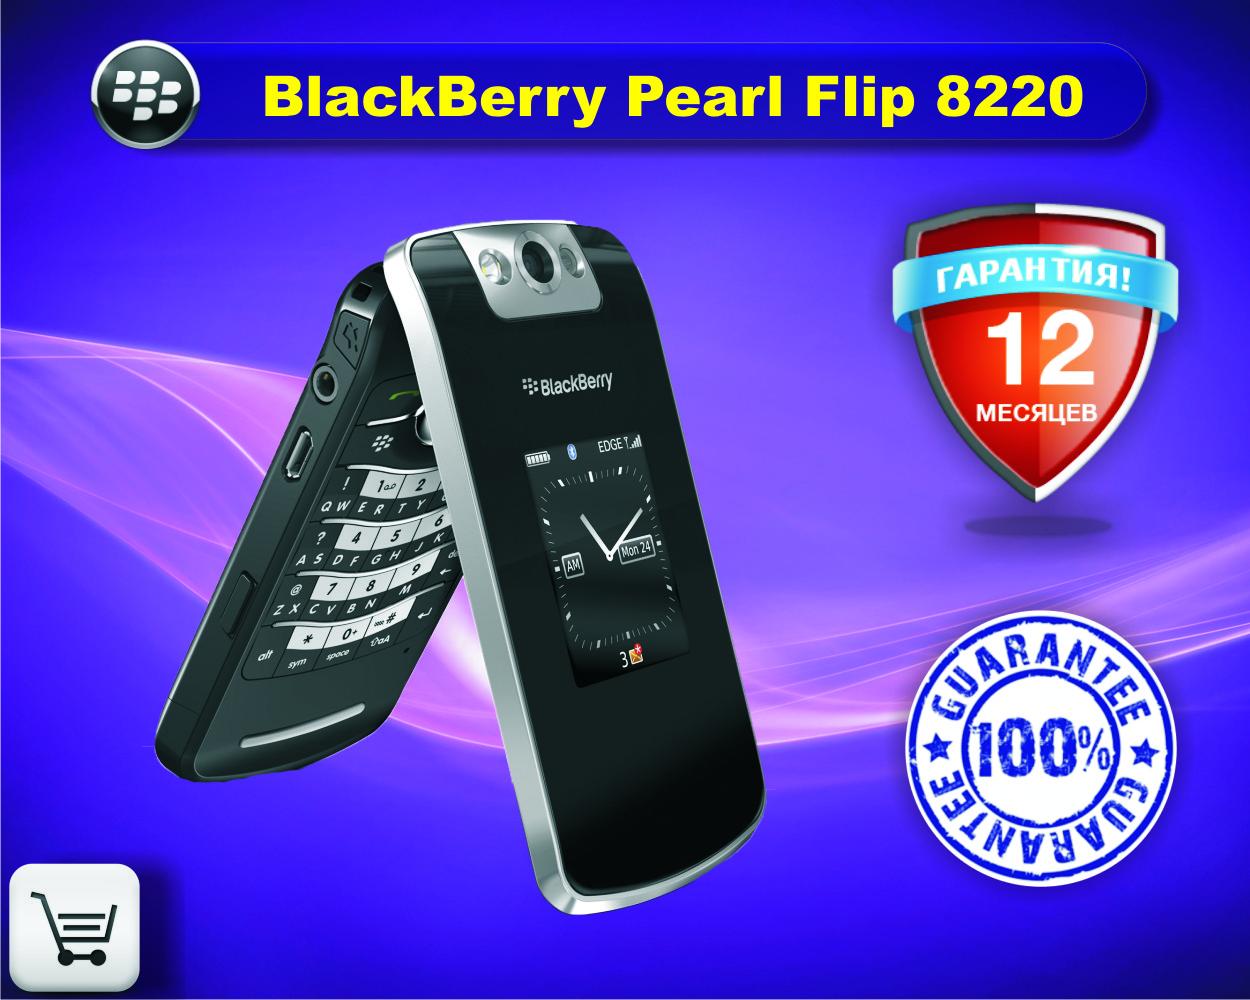 Оригинальный телефон BlackBerry Pearl Flip 8220 - o-mobil  в Кременчуге